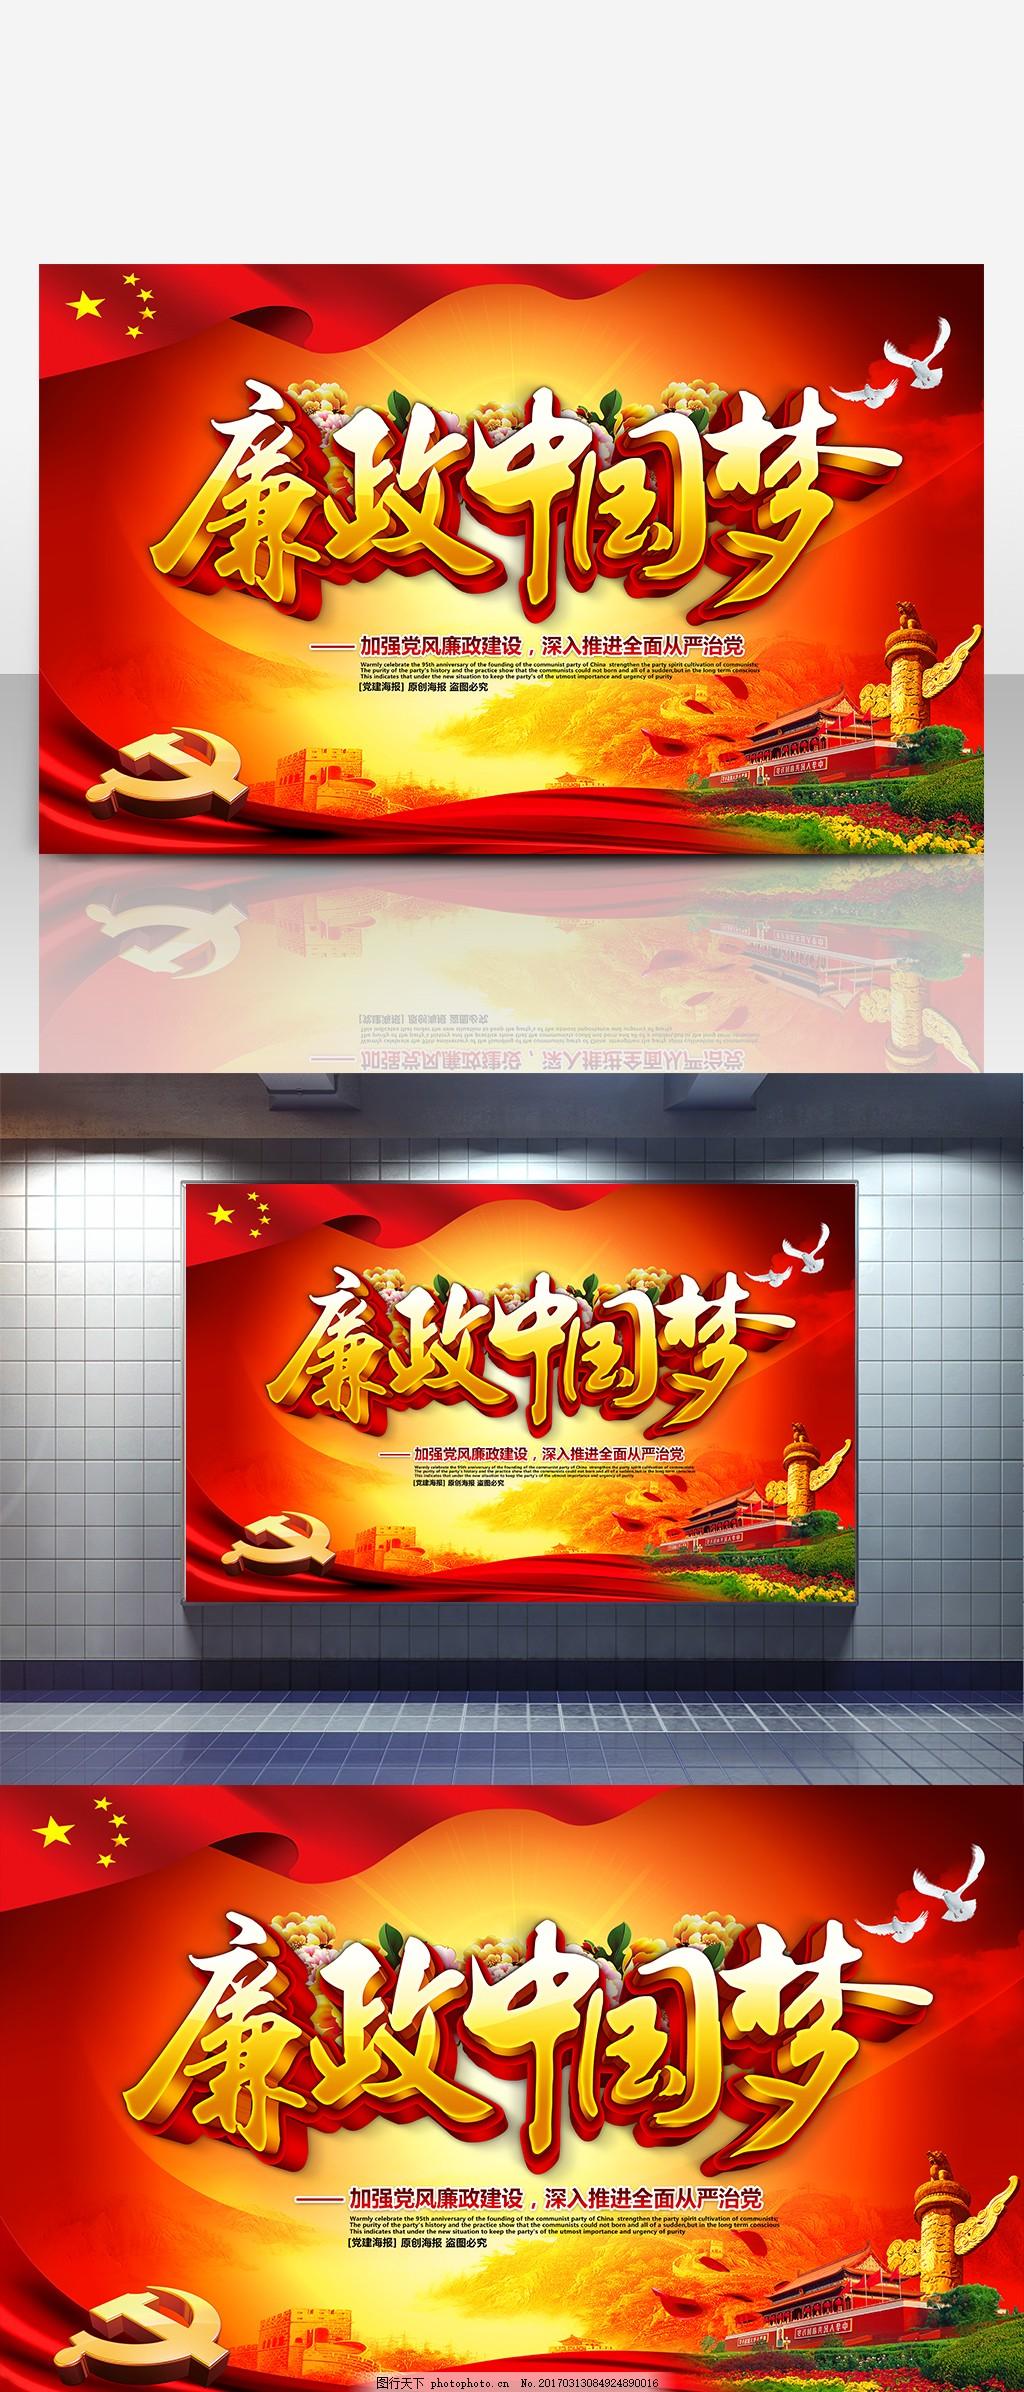 廉政中国梦 法治中国梦 中国梦海报 中国梦展板 中国梦宣传栏 中国梦主题